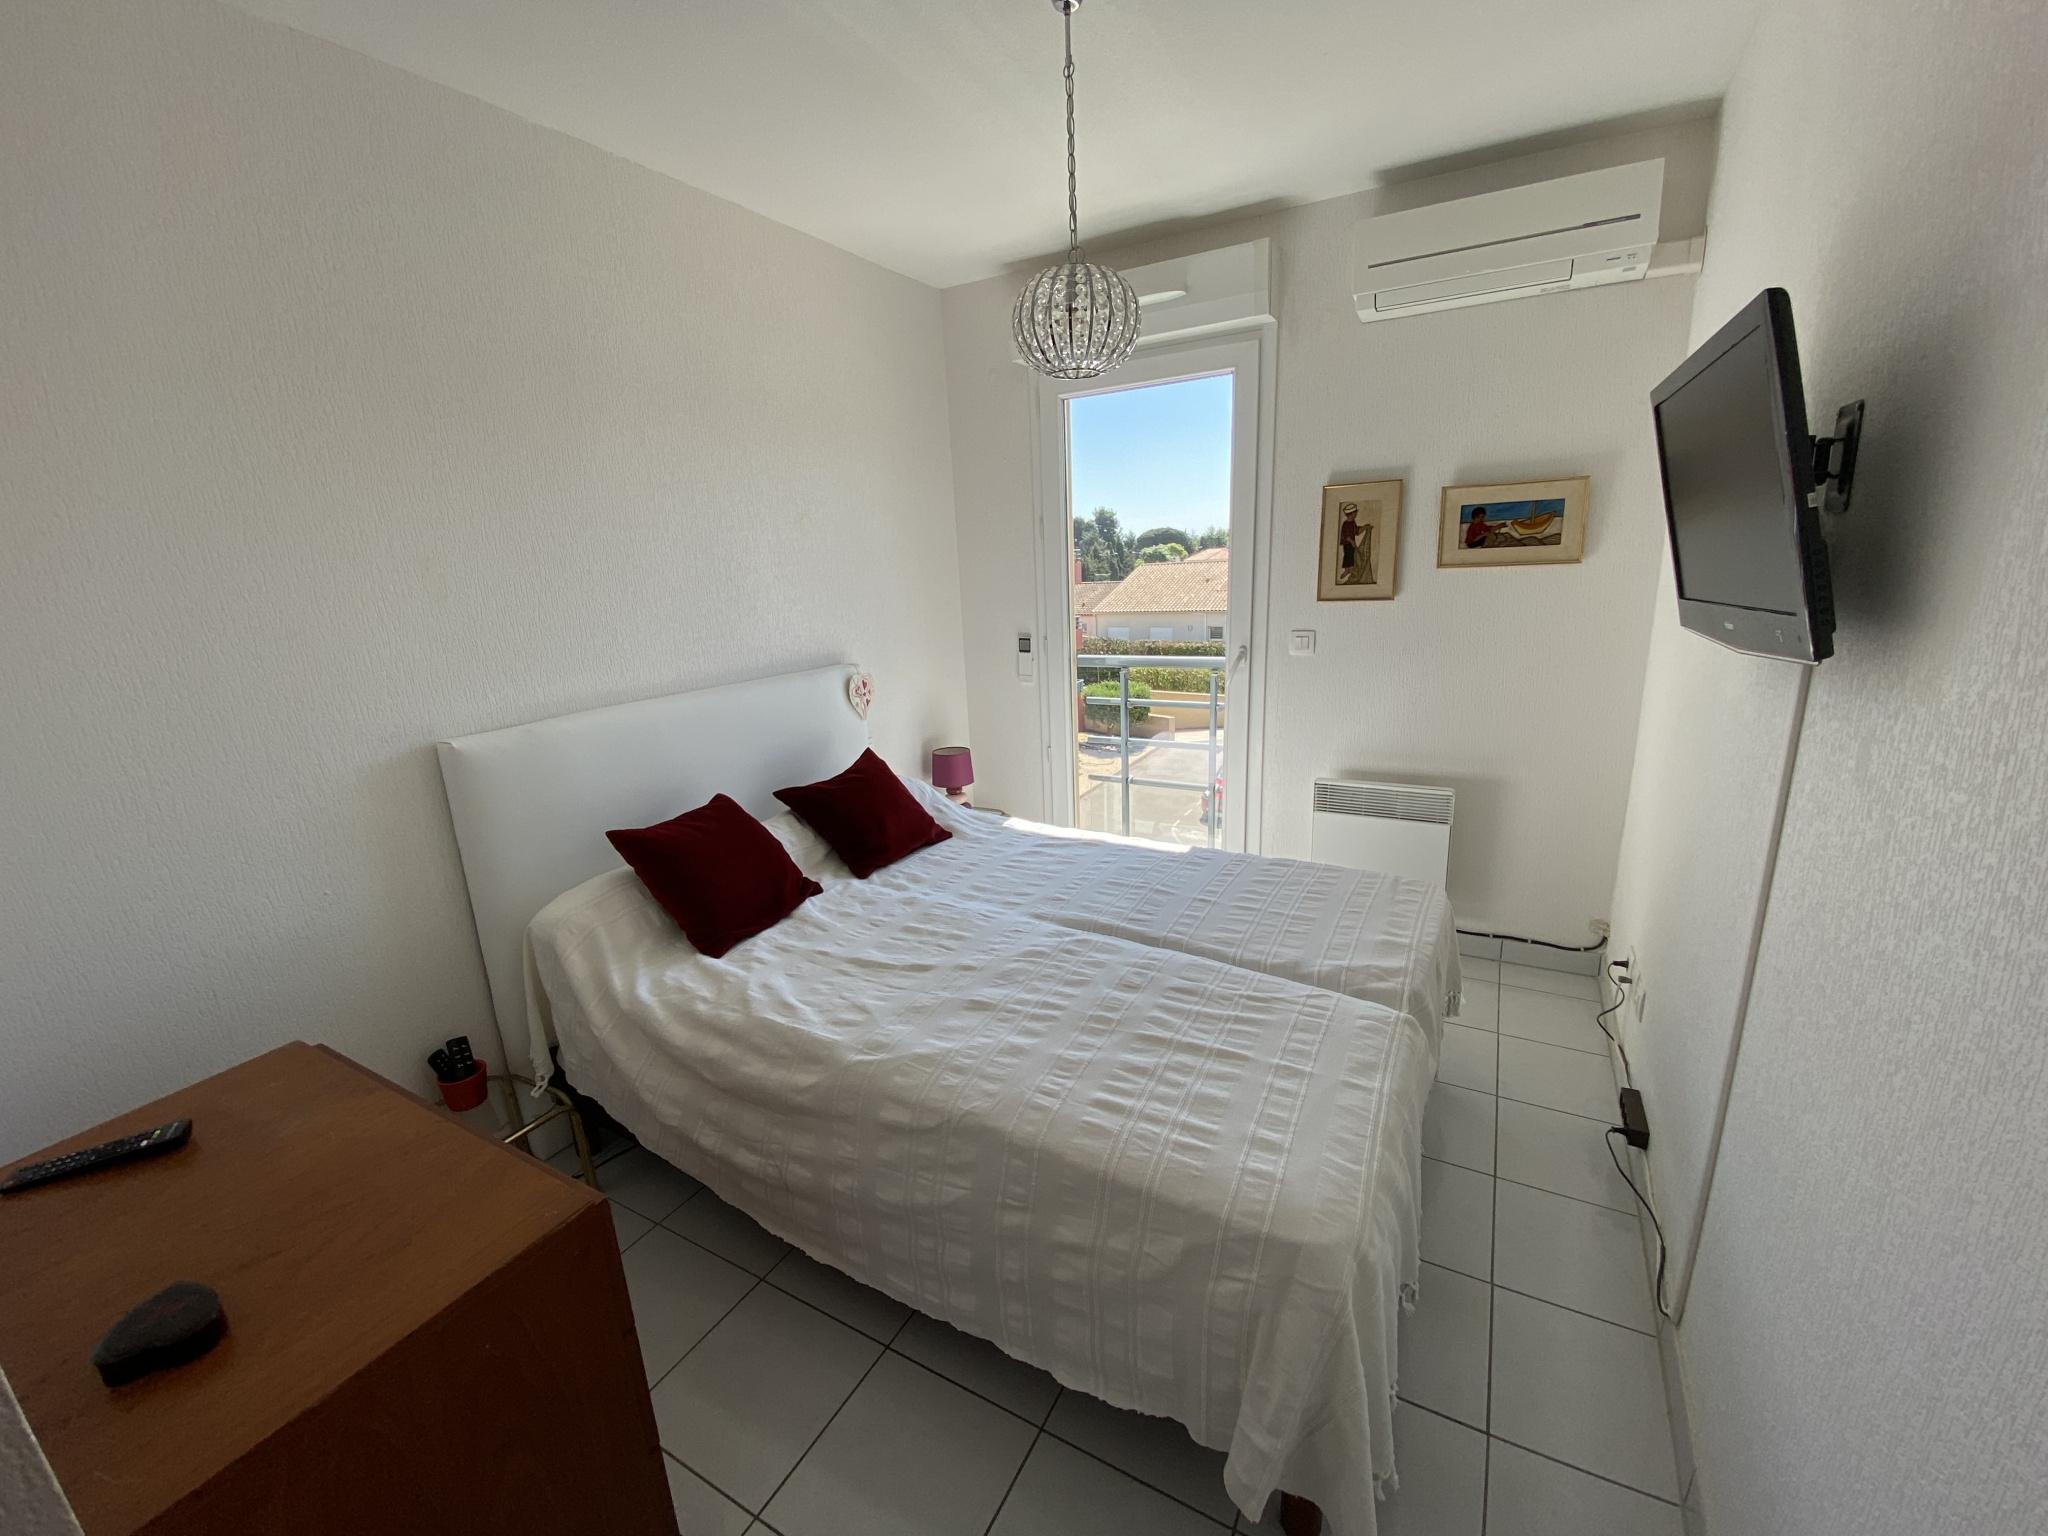 À vendre appartement de 80m2 à argeles sur mer (66700) - Photo 4'